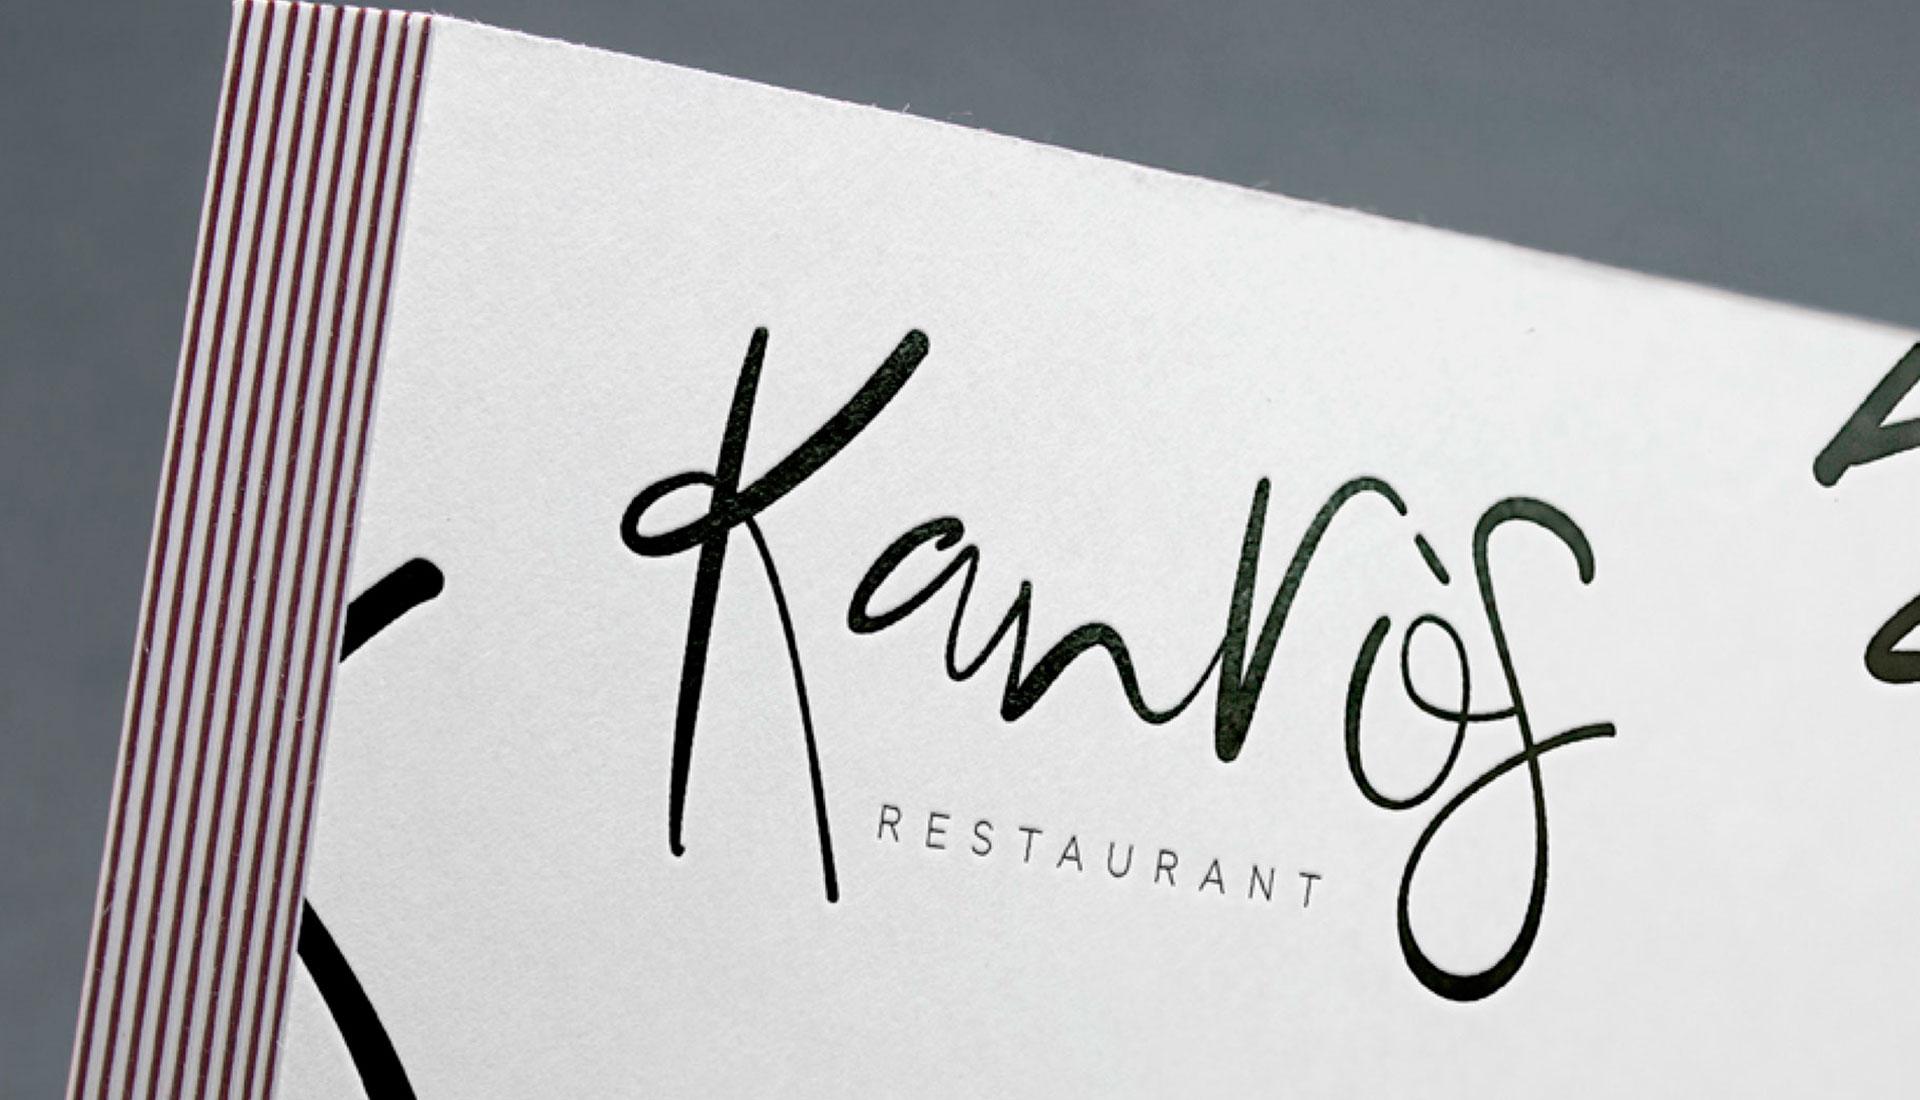 agencia-publicidad-pennywhort-marketing-identidad-corporativa-restaurante-valencia-02